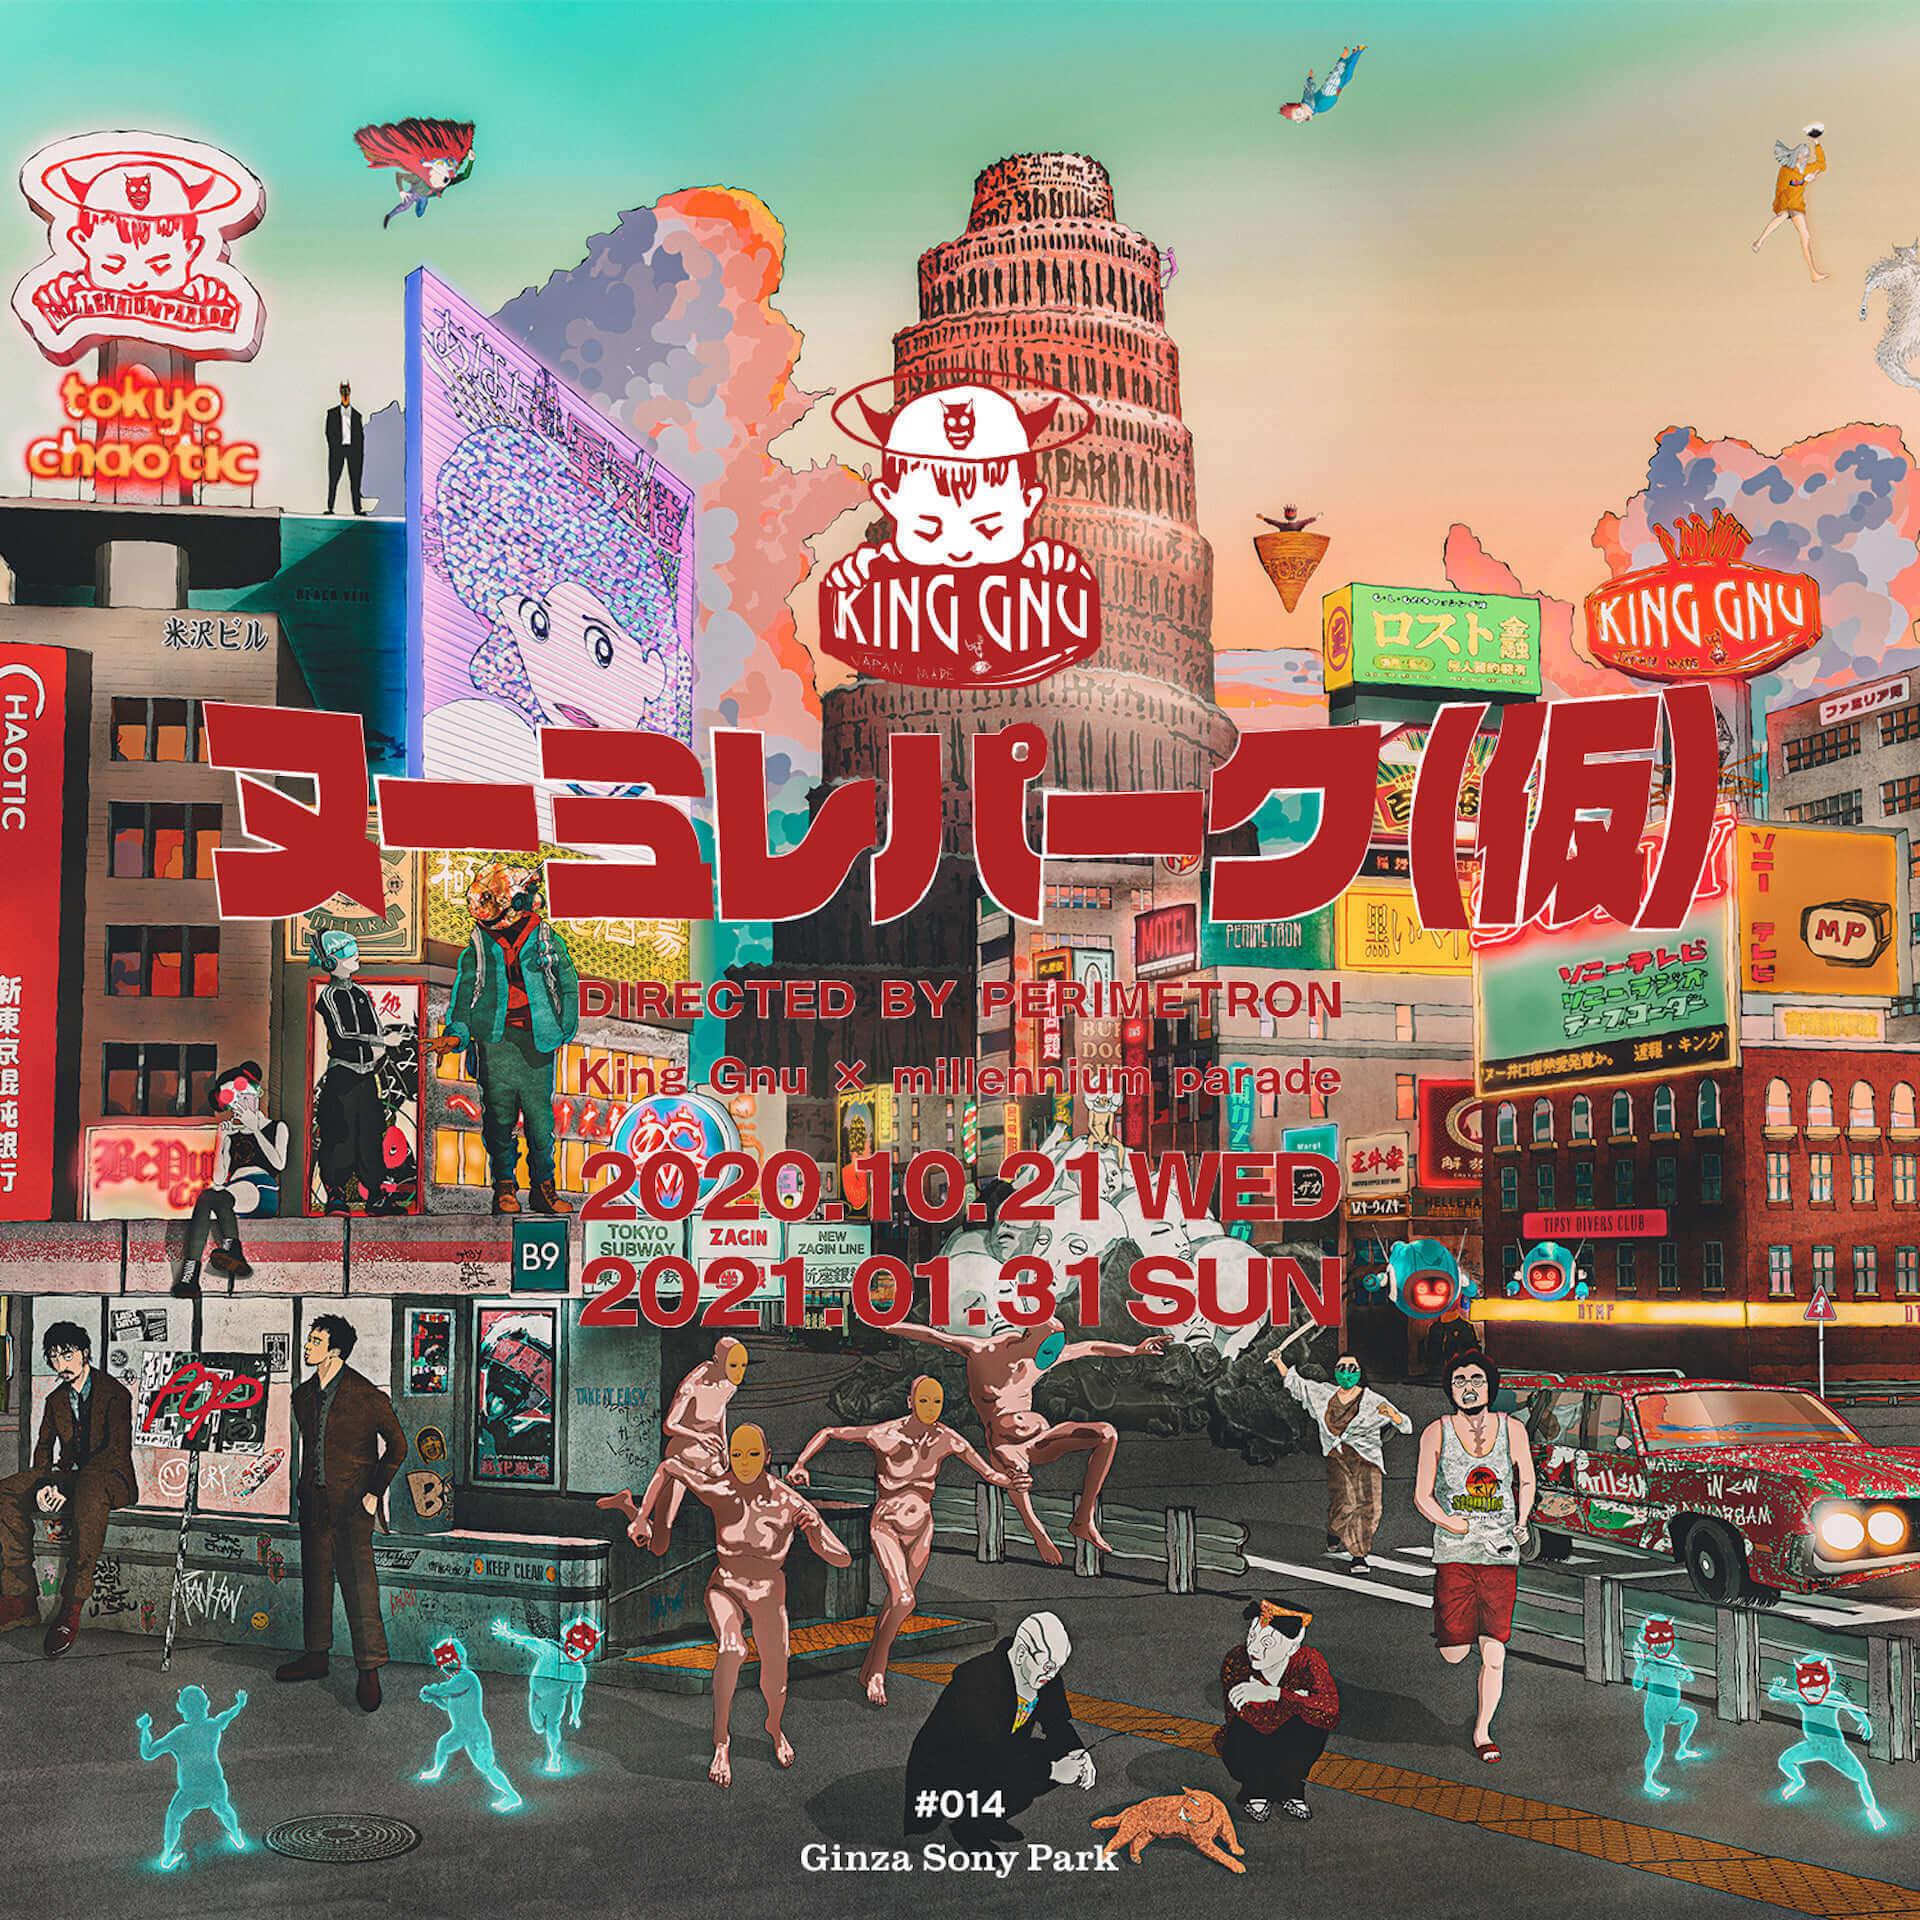 """King Gnu初のアリーナツアー、幕張メッセでは新曲""""千両役者""""も披露!ファイナル公演のライブレポートが到着 music201207_kinggnu_10-1920x1920"""